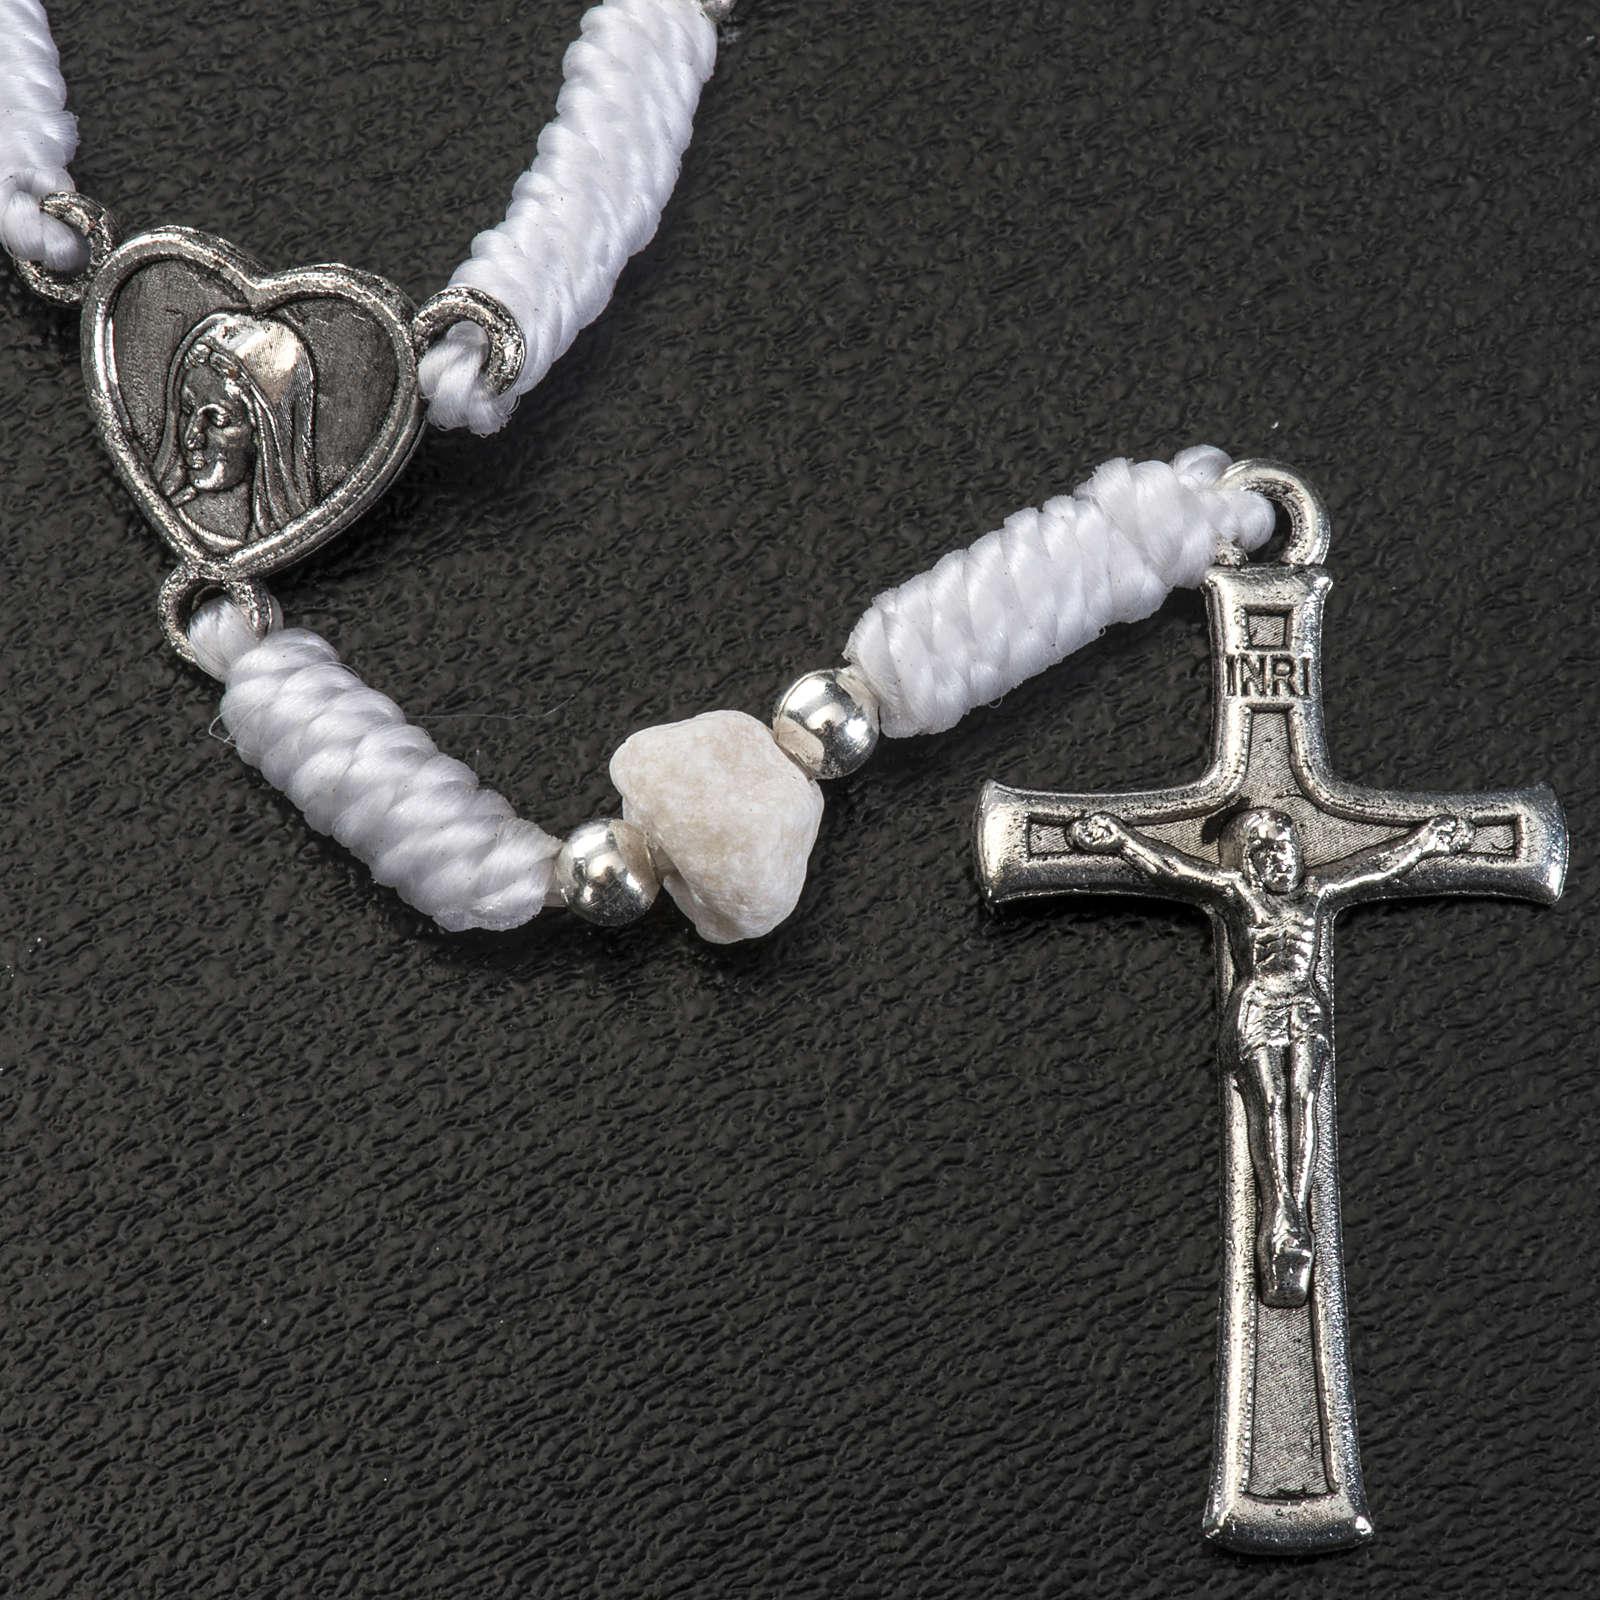 Dziesiątka Medjugorje kamień sznurek biały łącznik serce 4